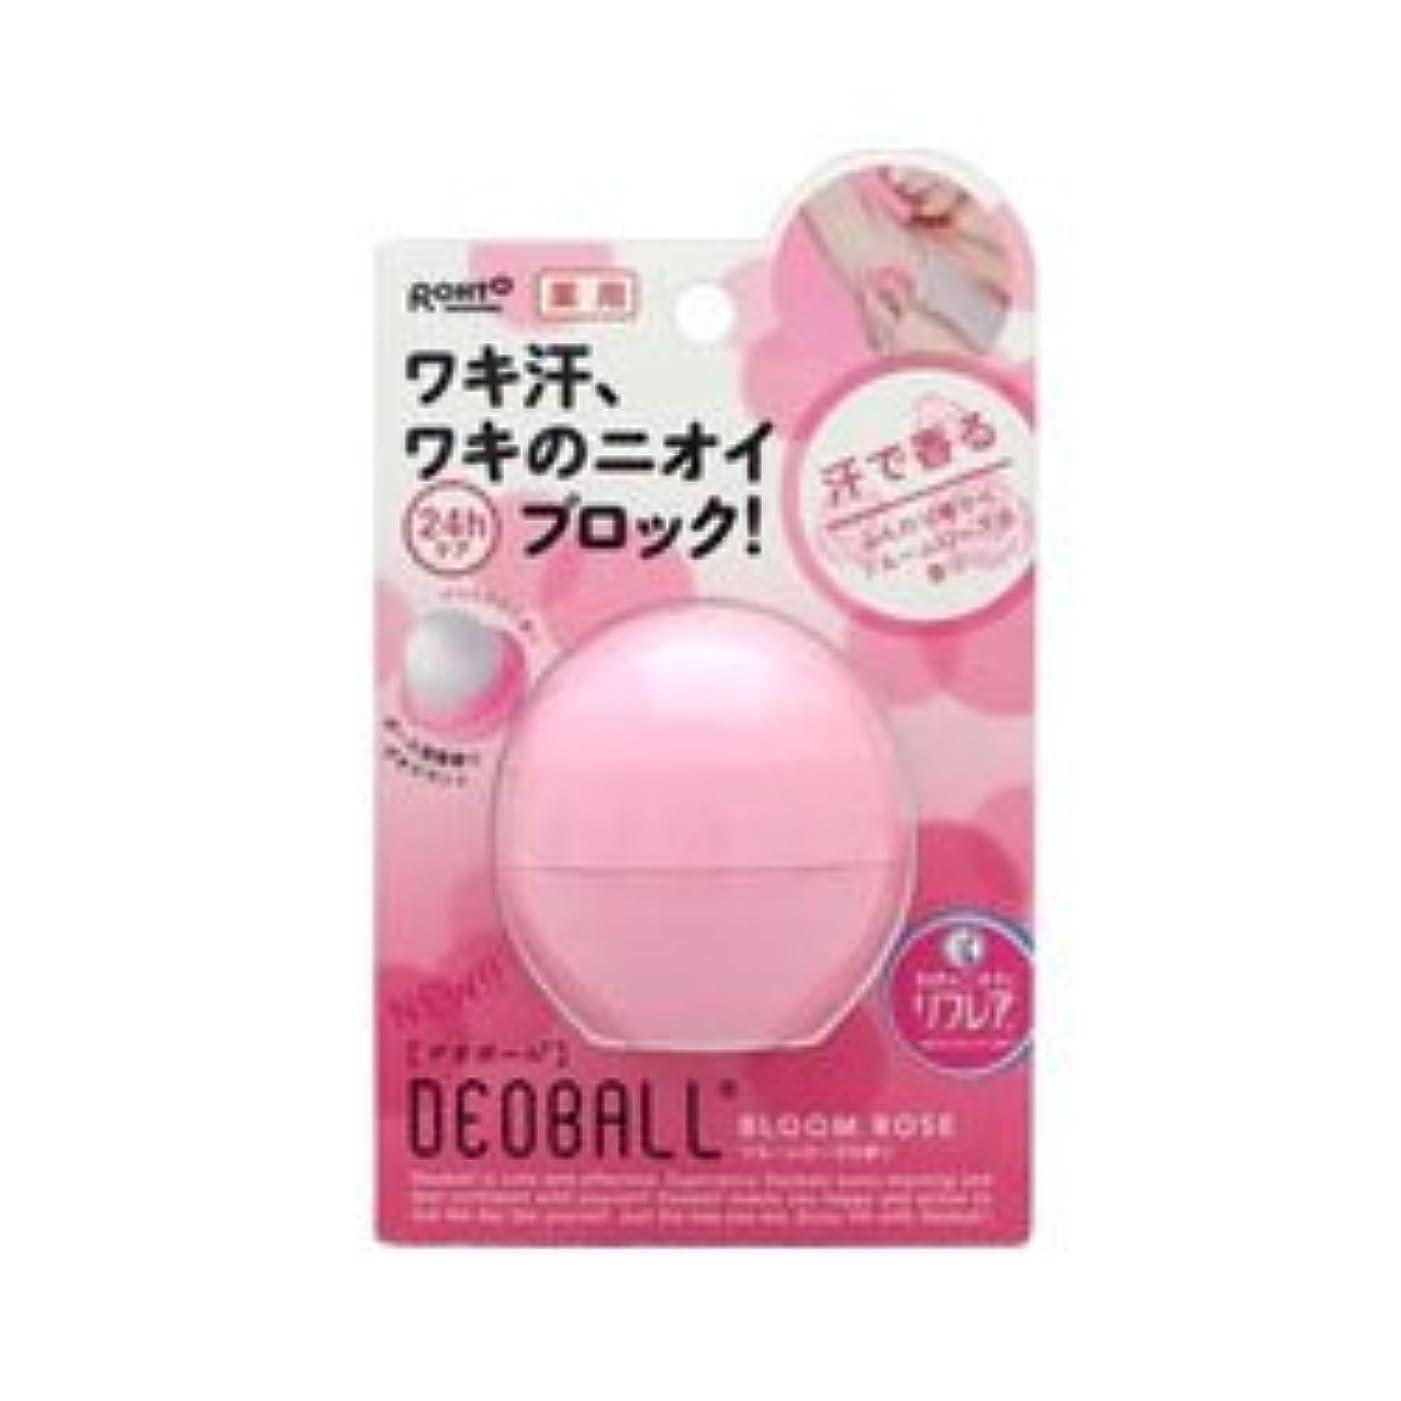 警報征服ボウリング【ロート製薬】デオボール ブルームローズの香り(ピンク) 15g(医薬部以外品) ×5個セット